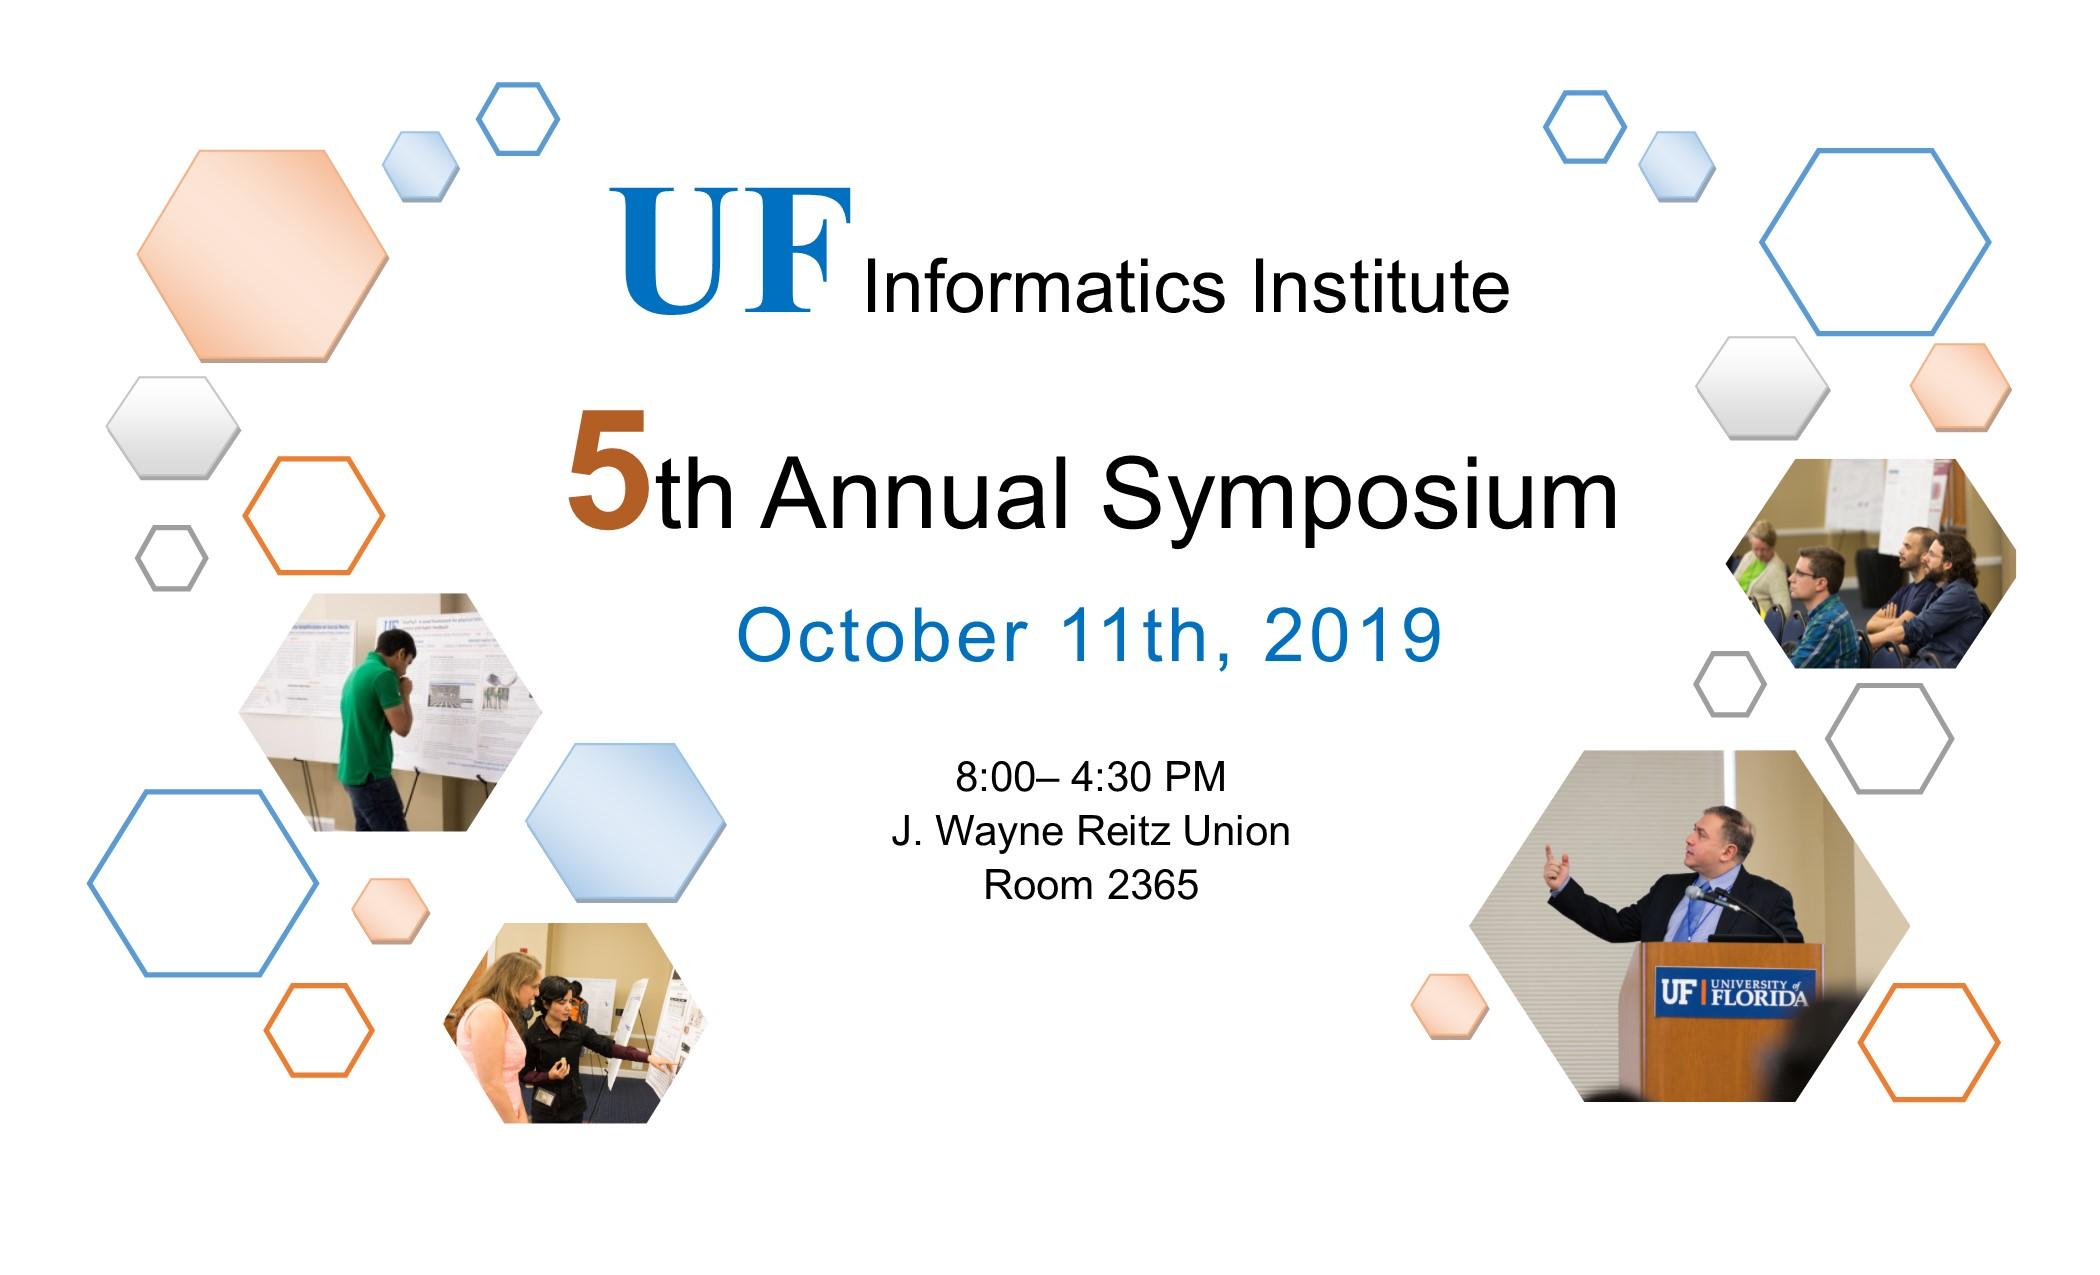 UFII 5th Annual Symposium